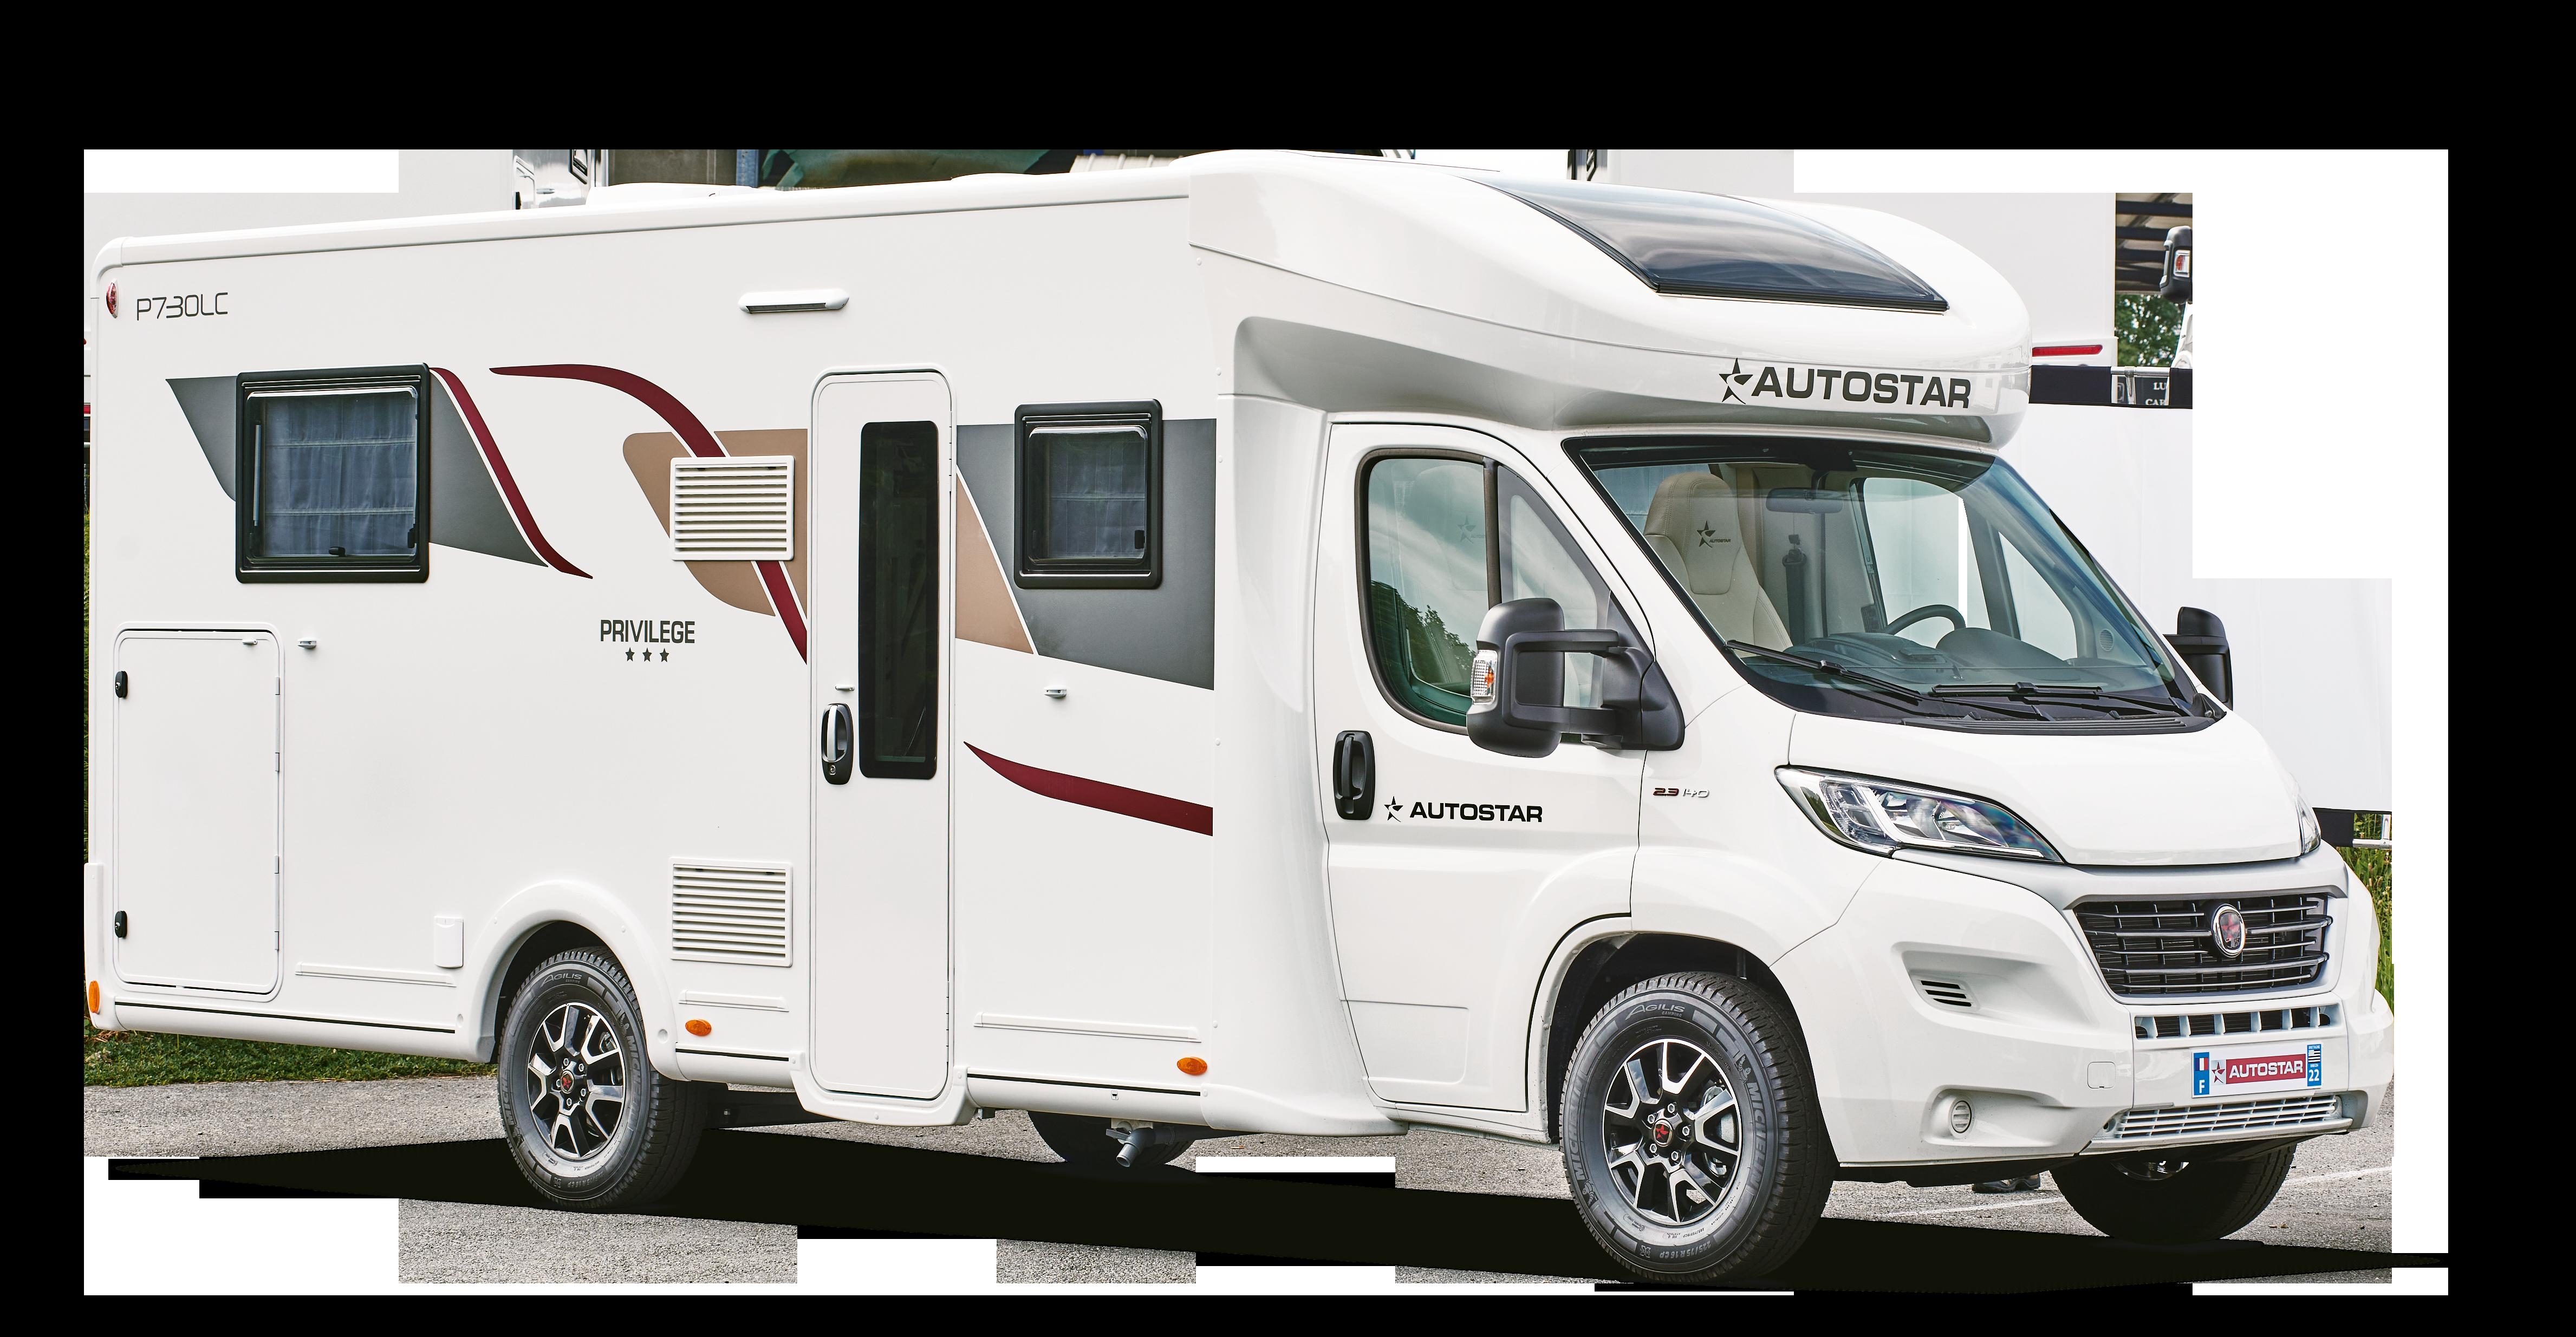 Camping-car profilé P730 LC Lift